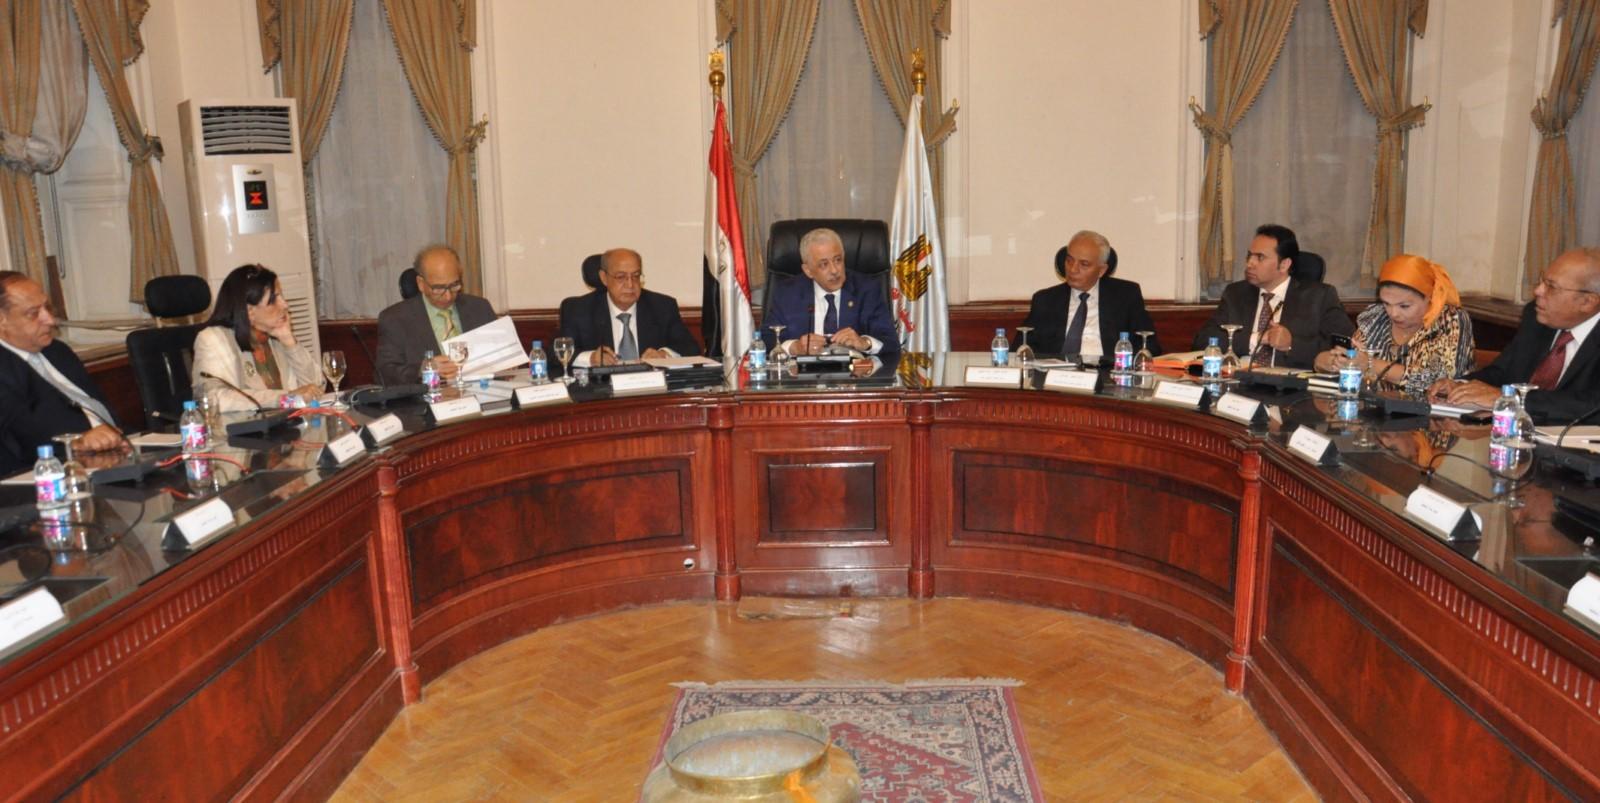 اجتماع قيادات التربية والتعليم مع عمداء الكليات لتطوير التعليم (8)